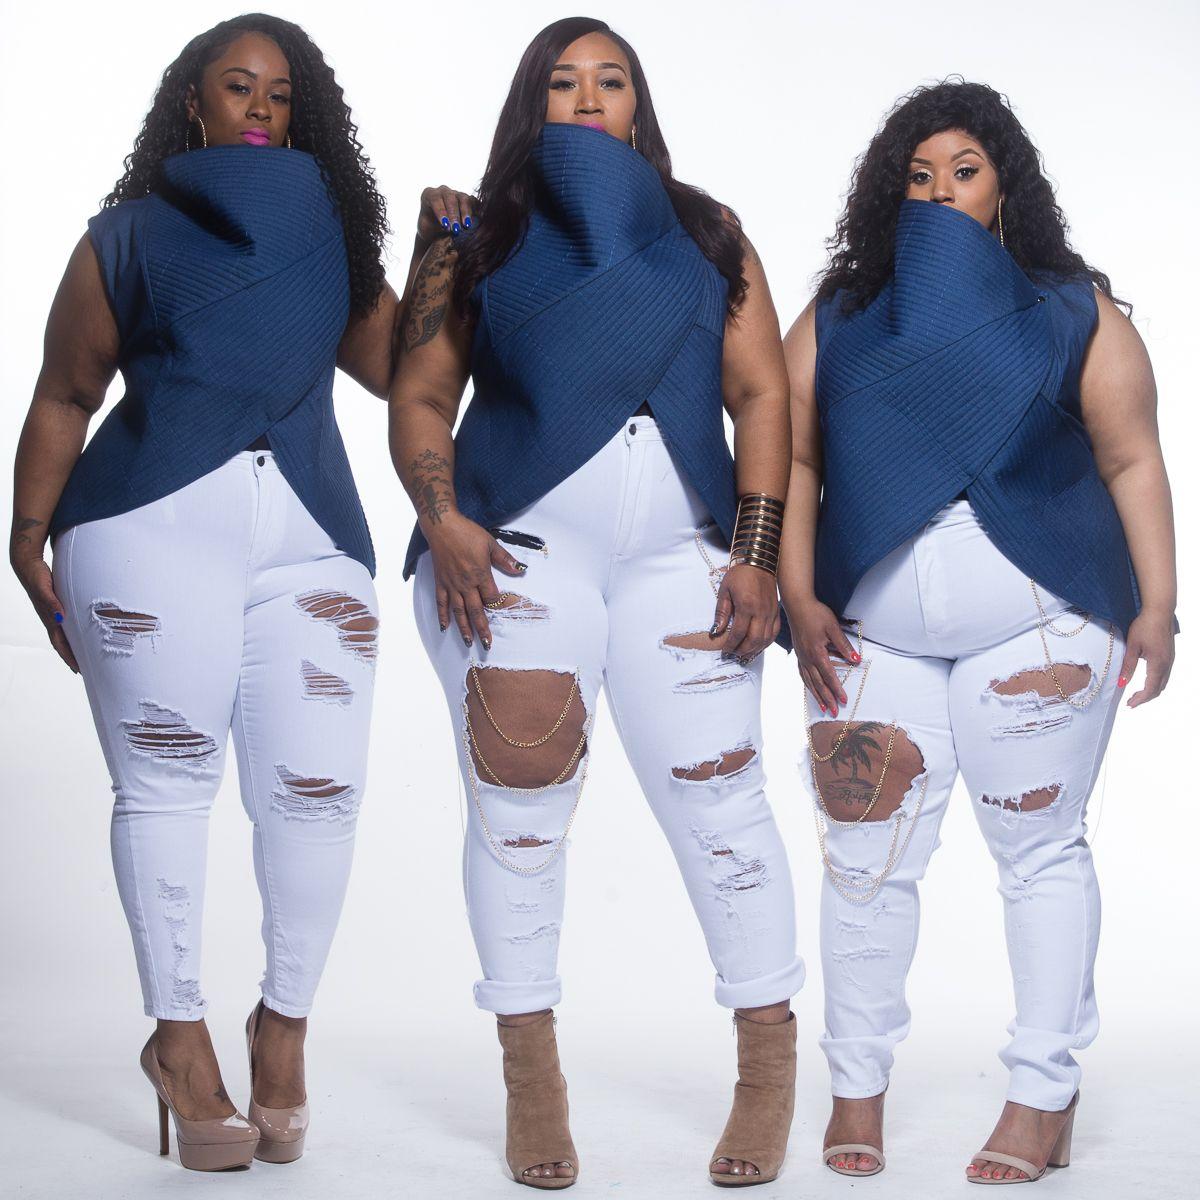 Modelle curvy e modelle skinny: quando la salute non viene